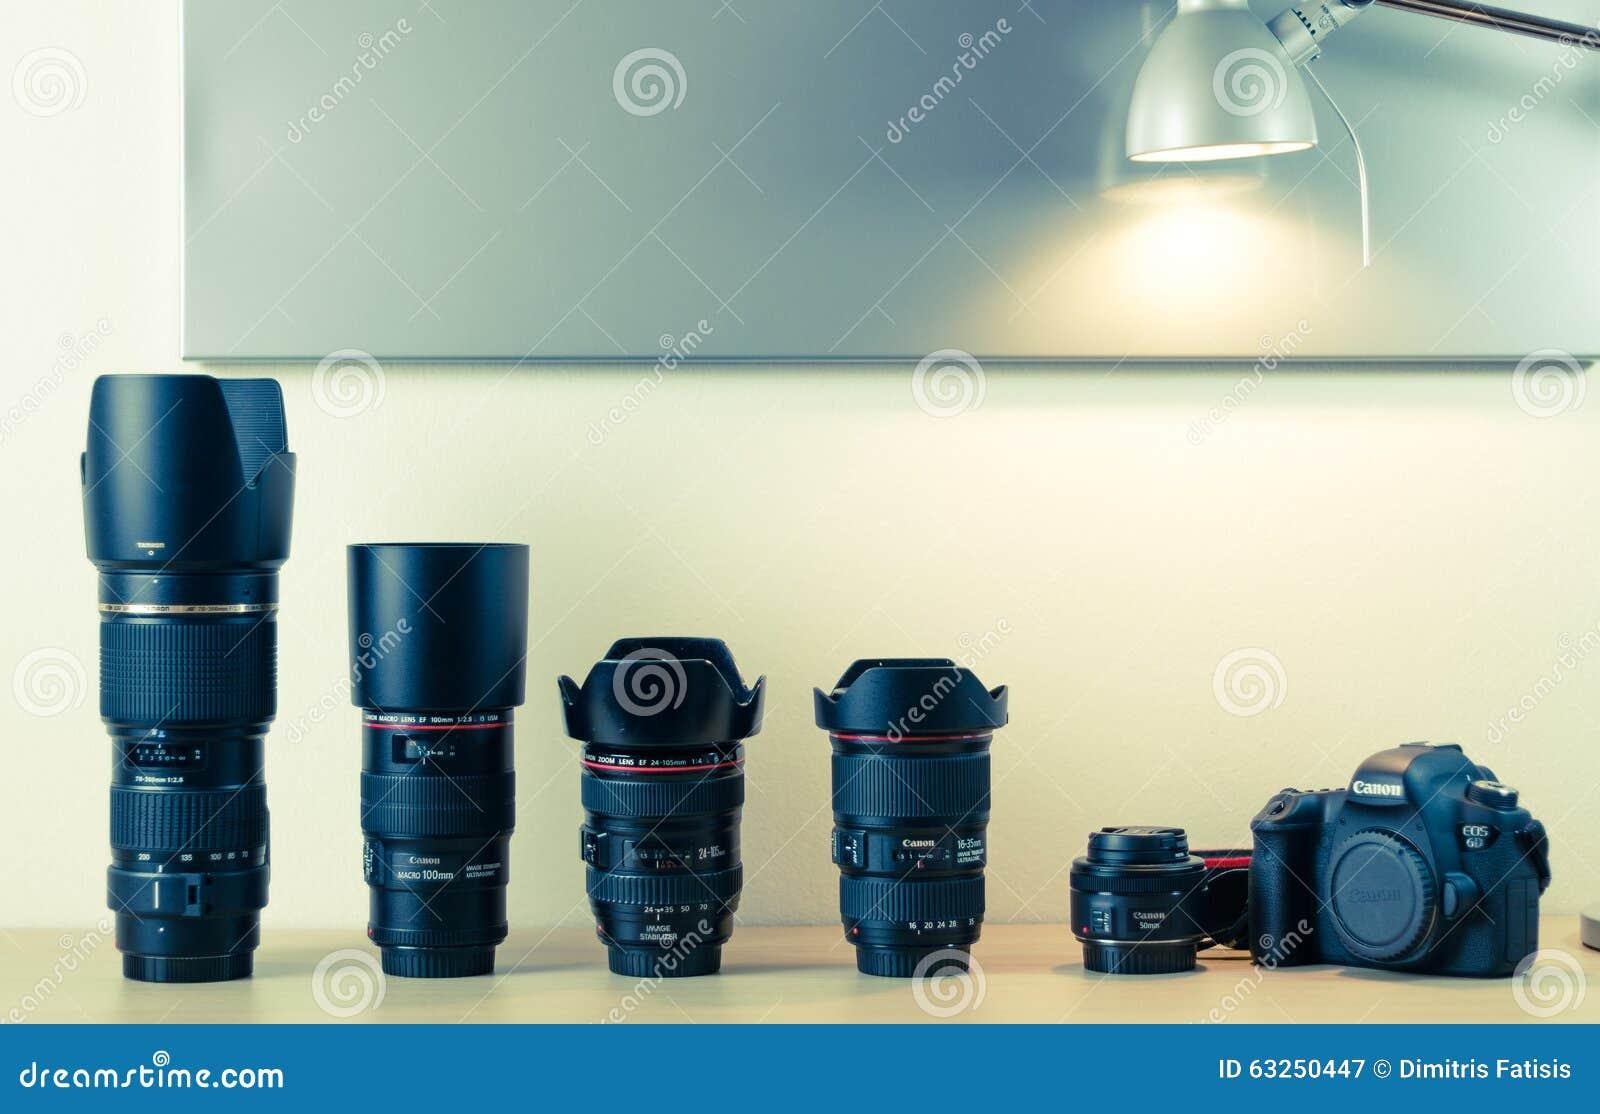 Fotografiutrustning - Canon EOS 6d och linser